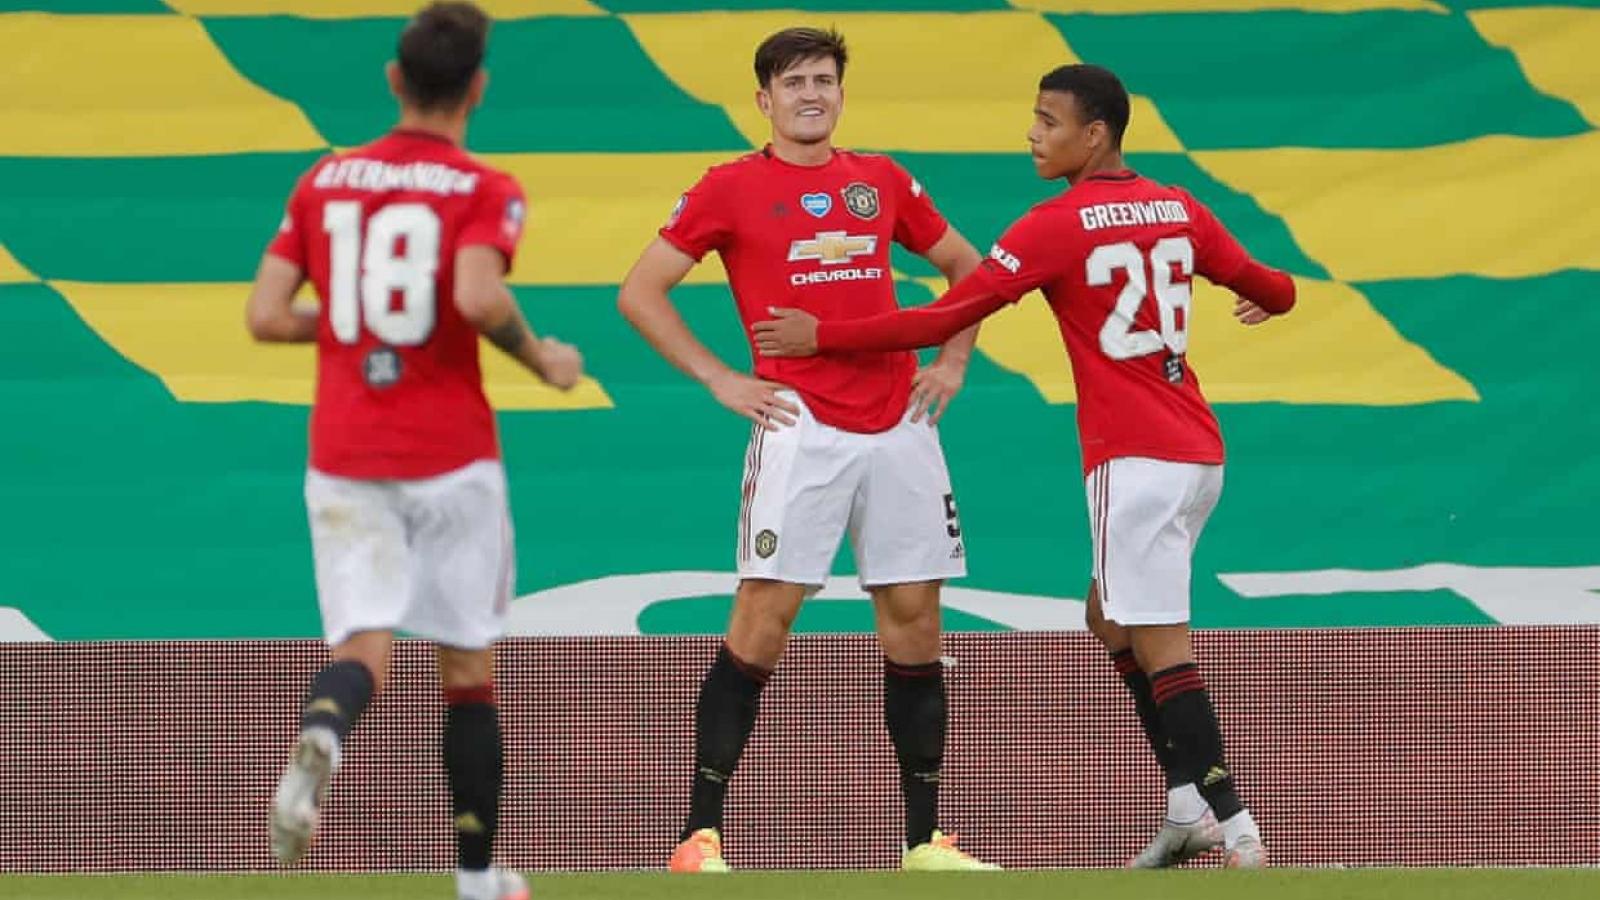 Khuất phục 10 người của Norwich trong hiệp phụ, MU vào bán kết FA Cup